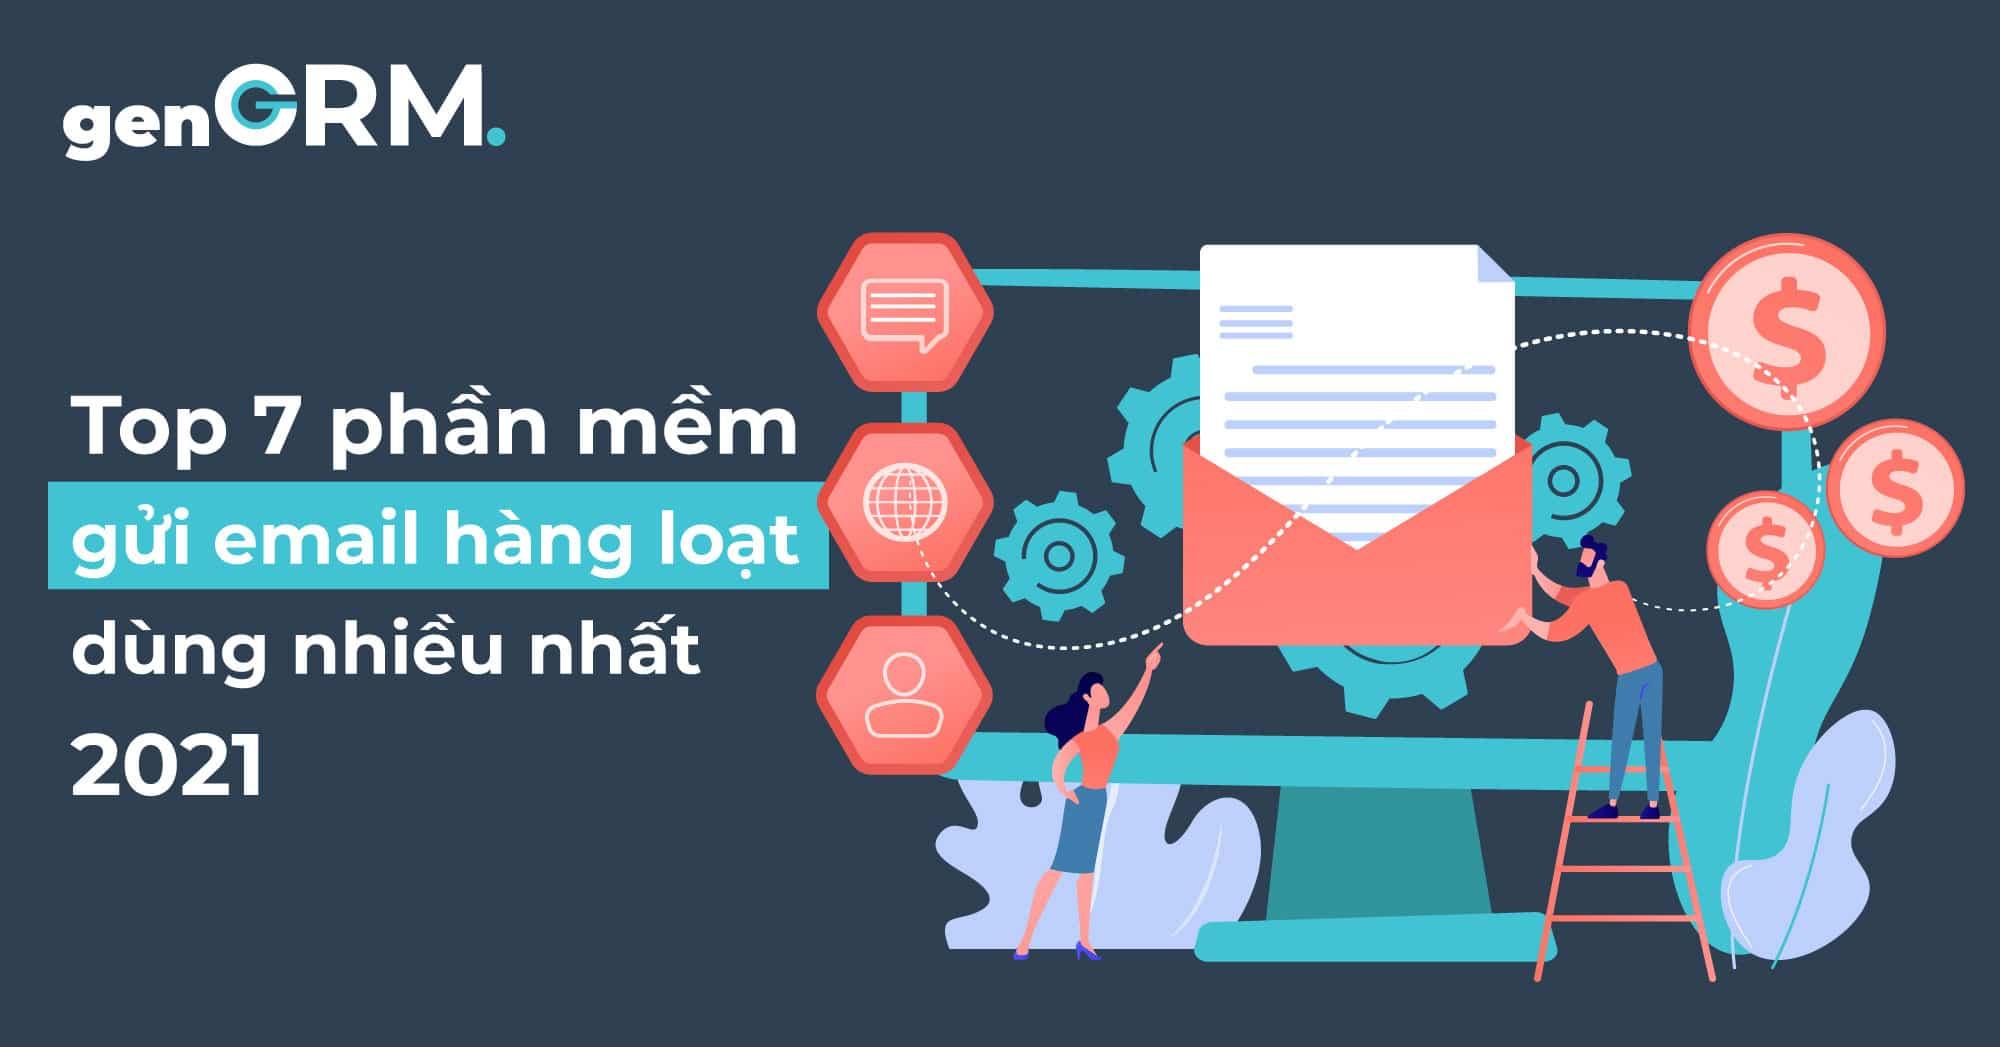 Top-7-phan-mem-gui-email-hang-loat-dung-nhieu-nhat-2021